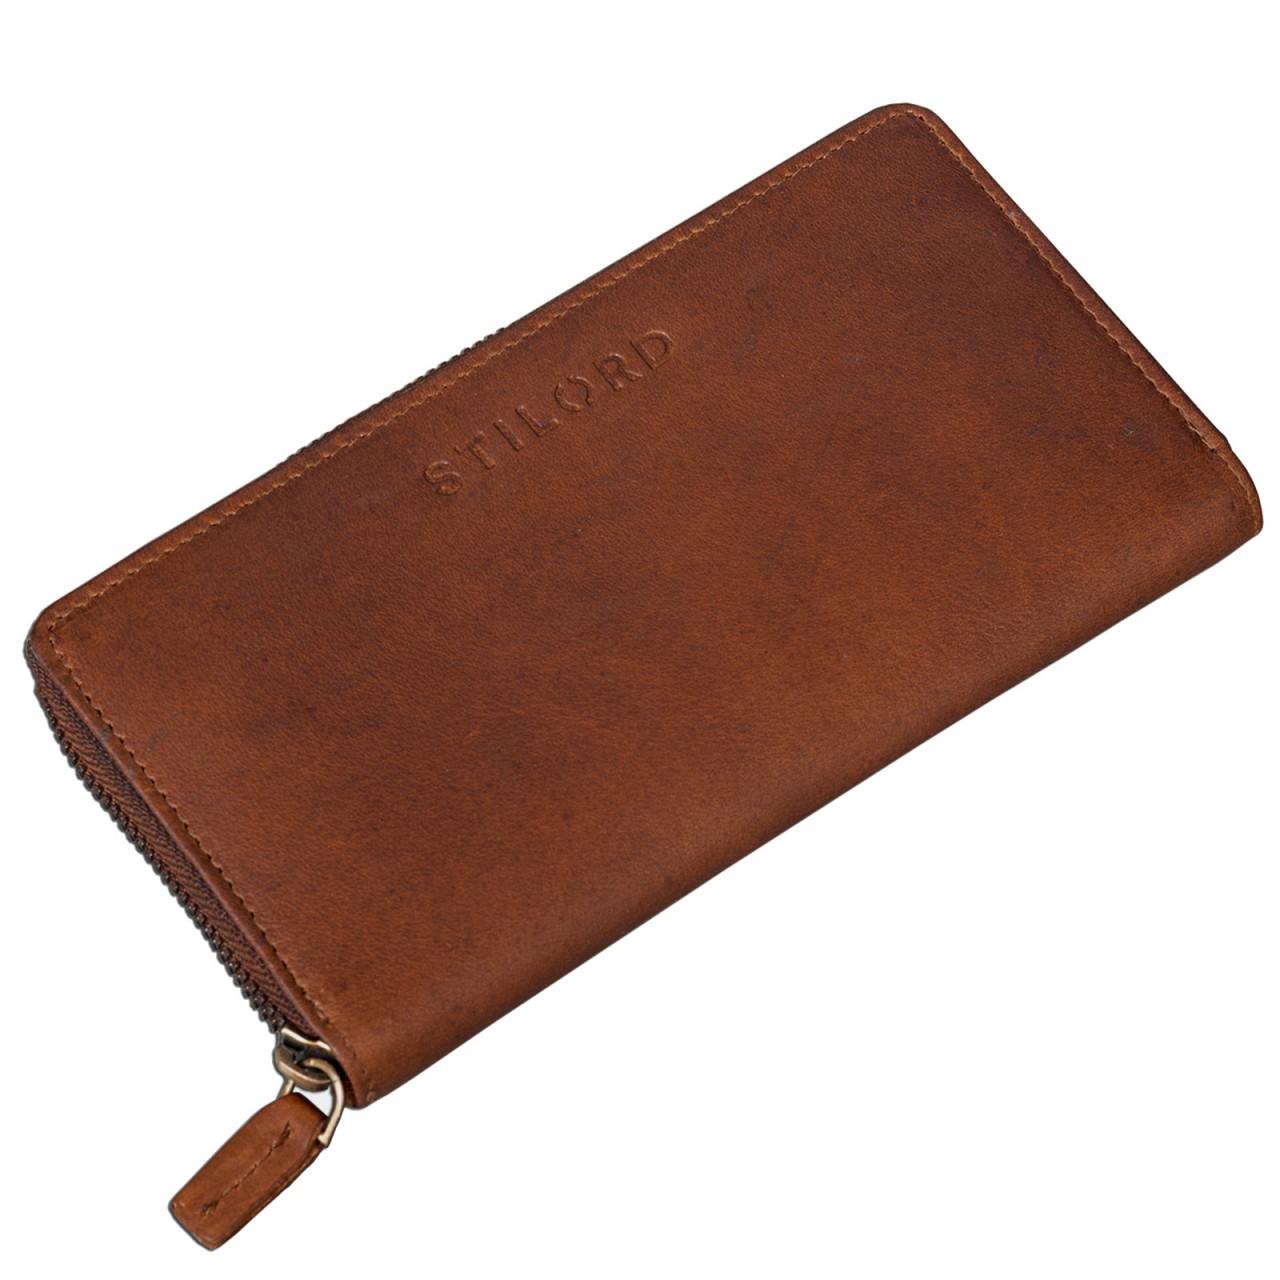 Portemonnaie braun Leder